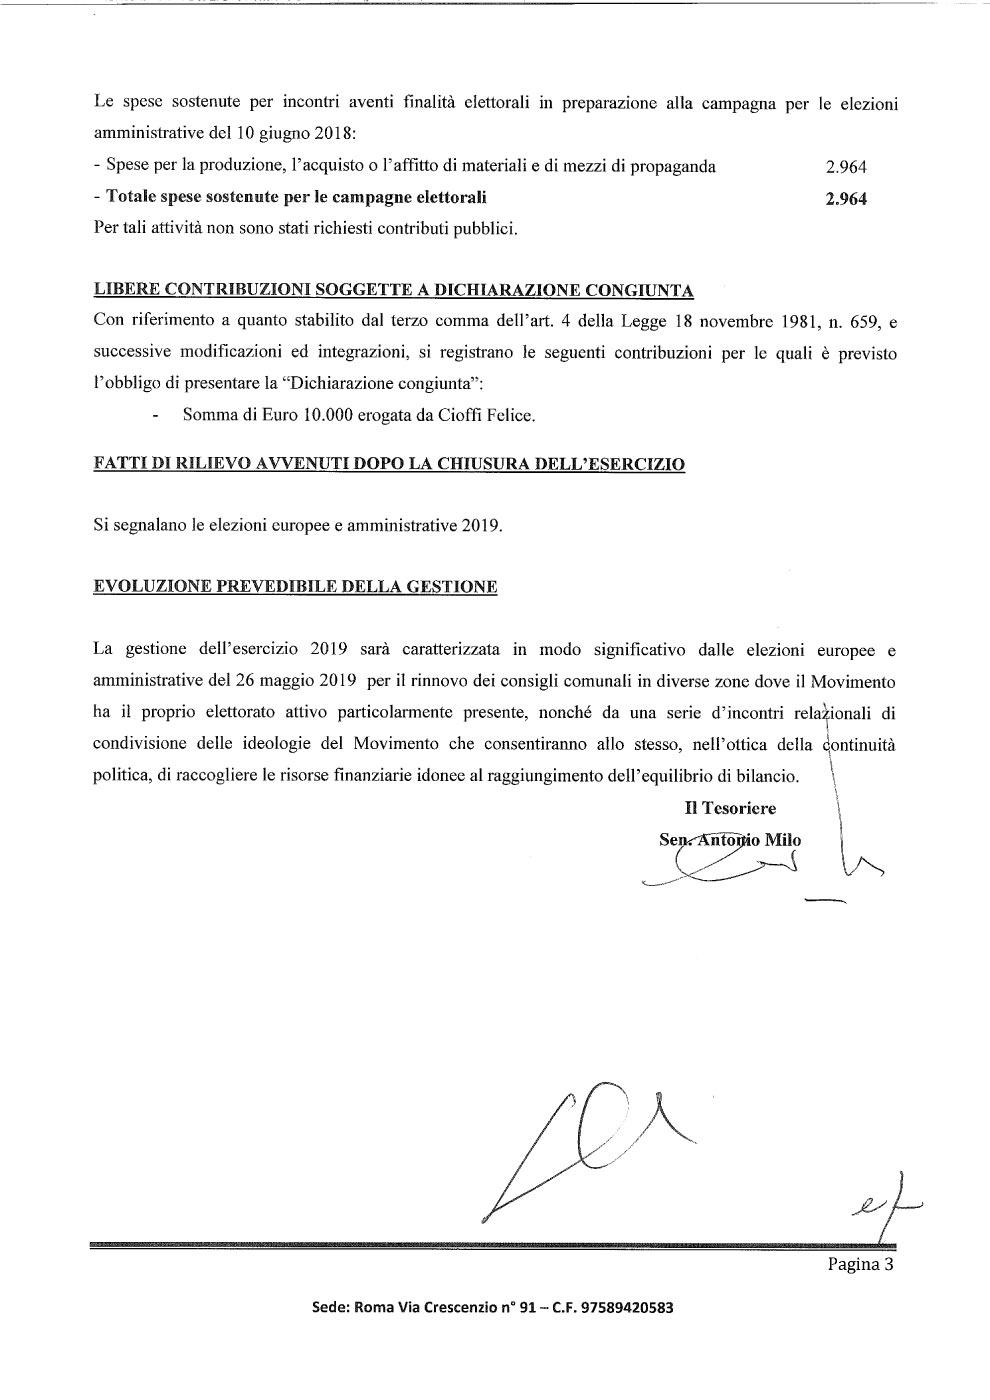 RELAZIONE-DEL-TESORIERE-1